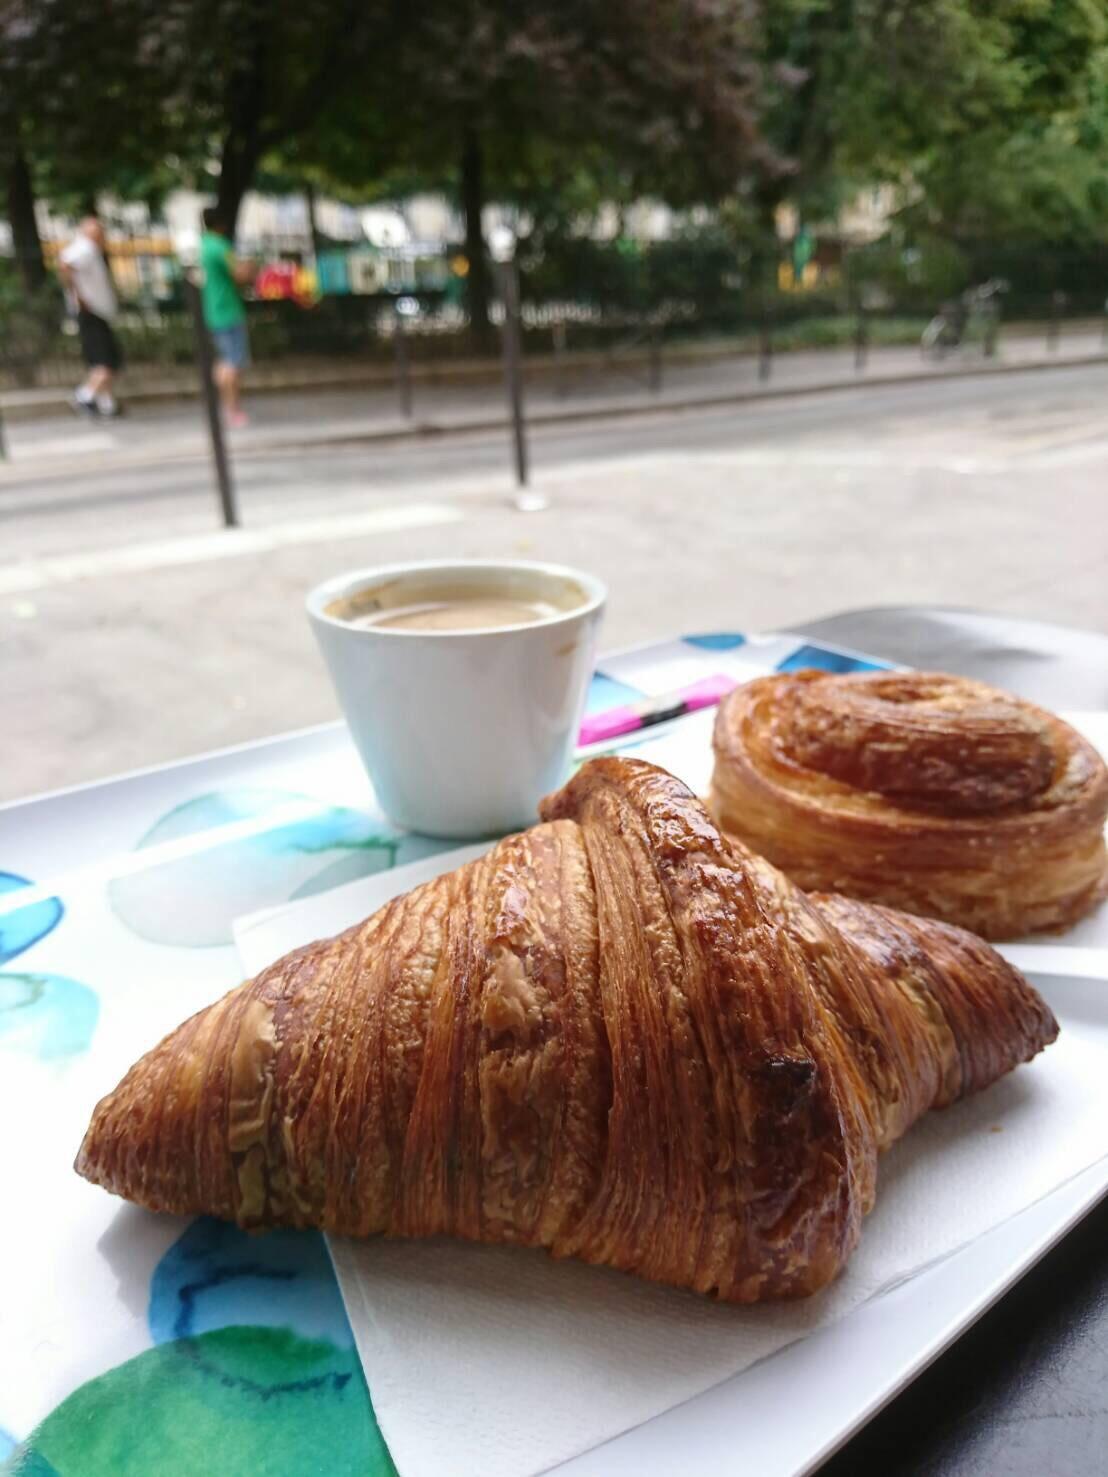 ブレシュクレで甘ーい朝ごはんを食べて、一人ヴェリブ - 今日も食べようキムチっ子クラブ (我が家の韓国料理教室)